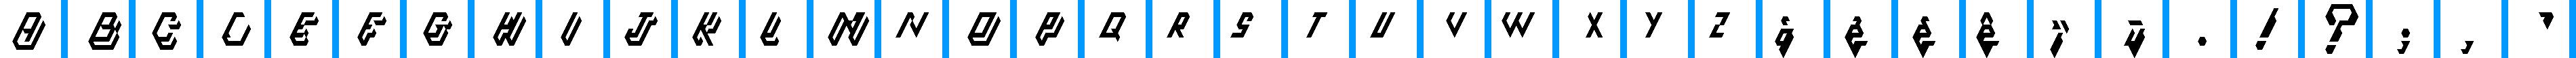 Particip-a-type v.41